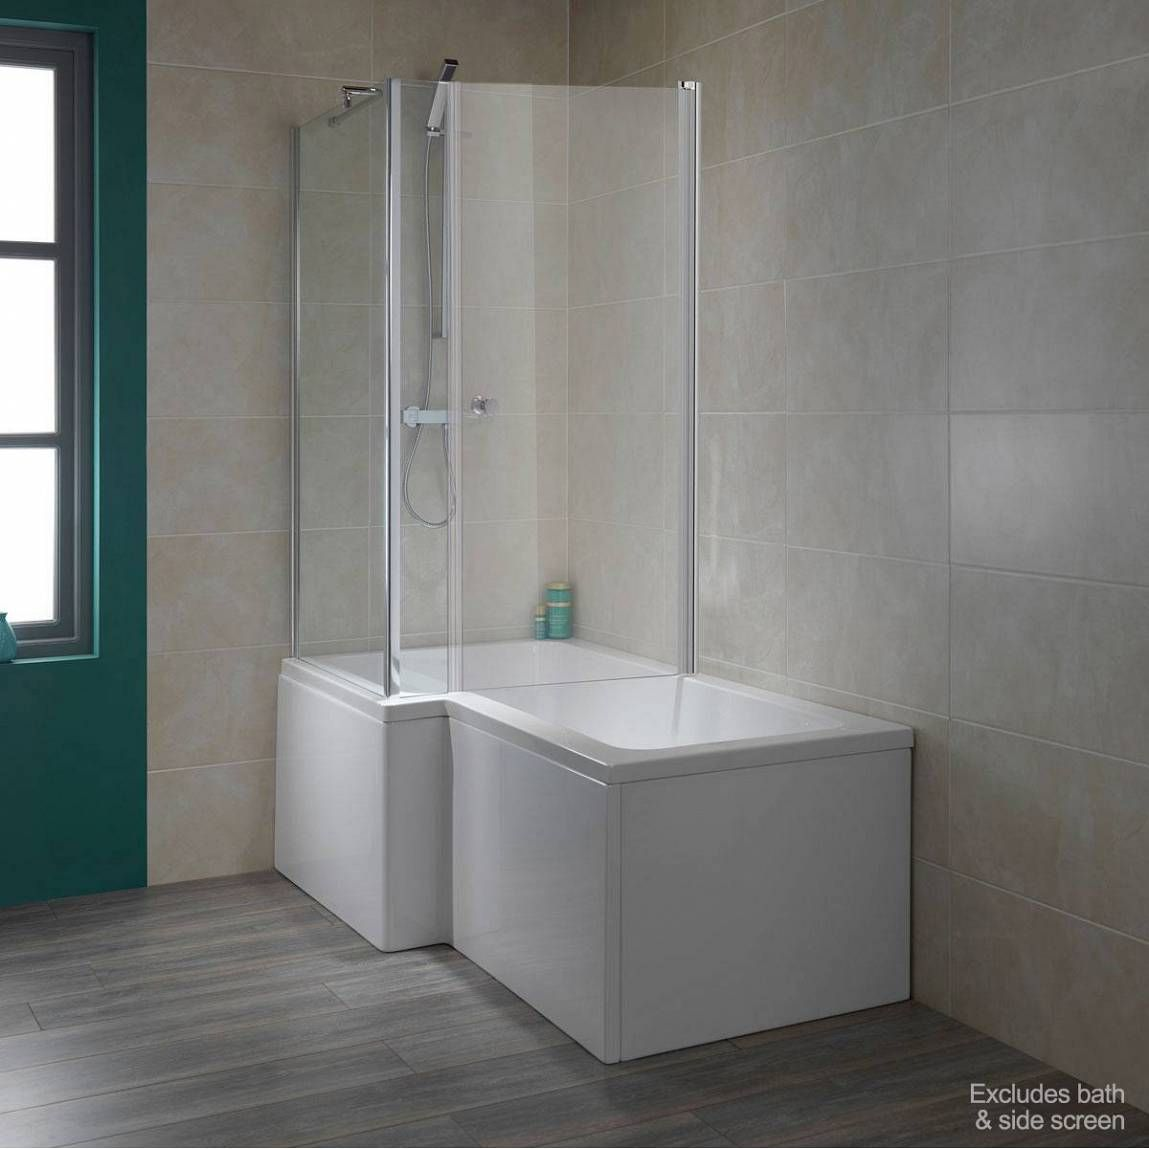 6mm Glass Door For Square Shaped Shower Bath Victoria Plumb Shower Over Bath Bath Shower Enclosures Bathroom Furniture Uk